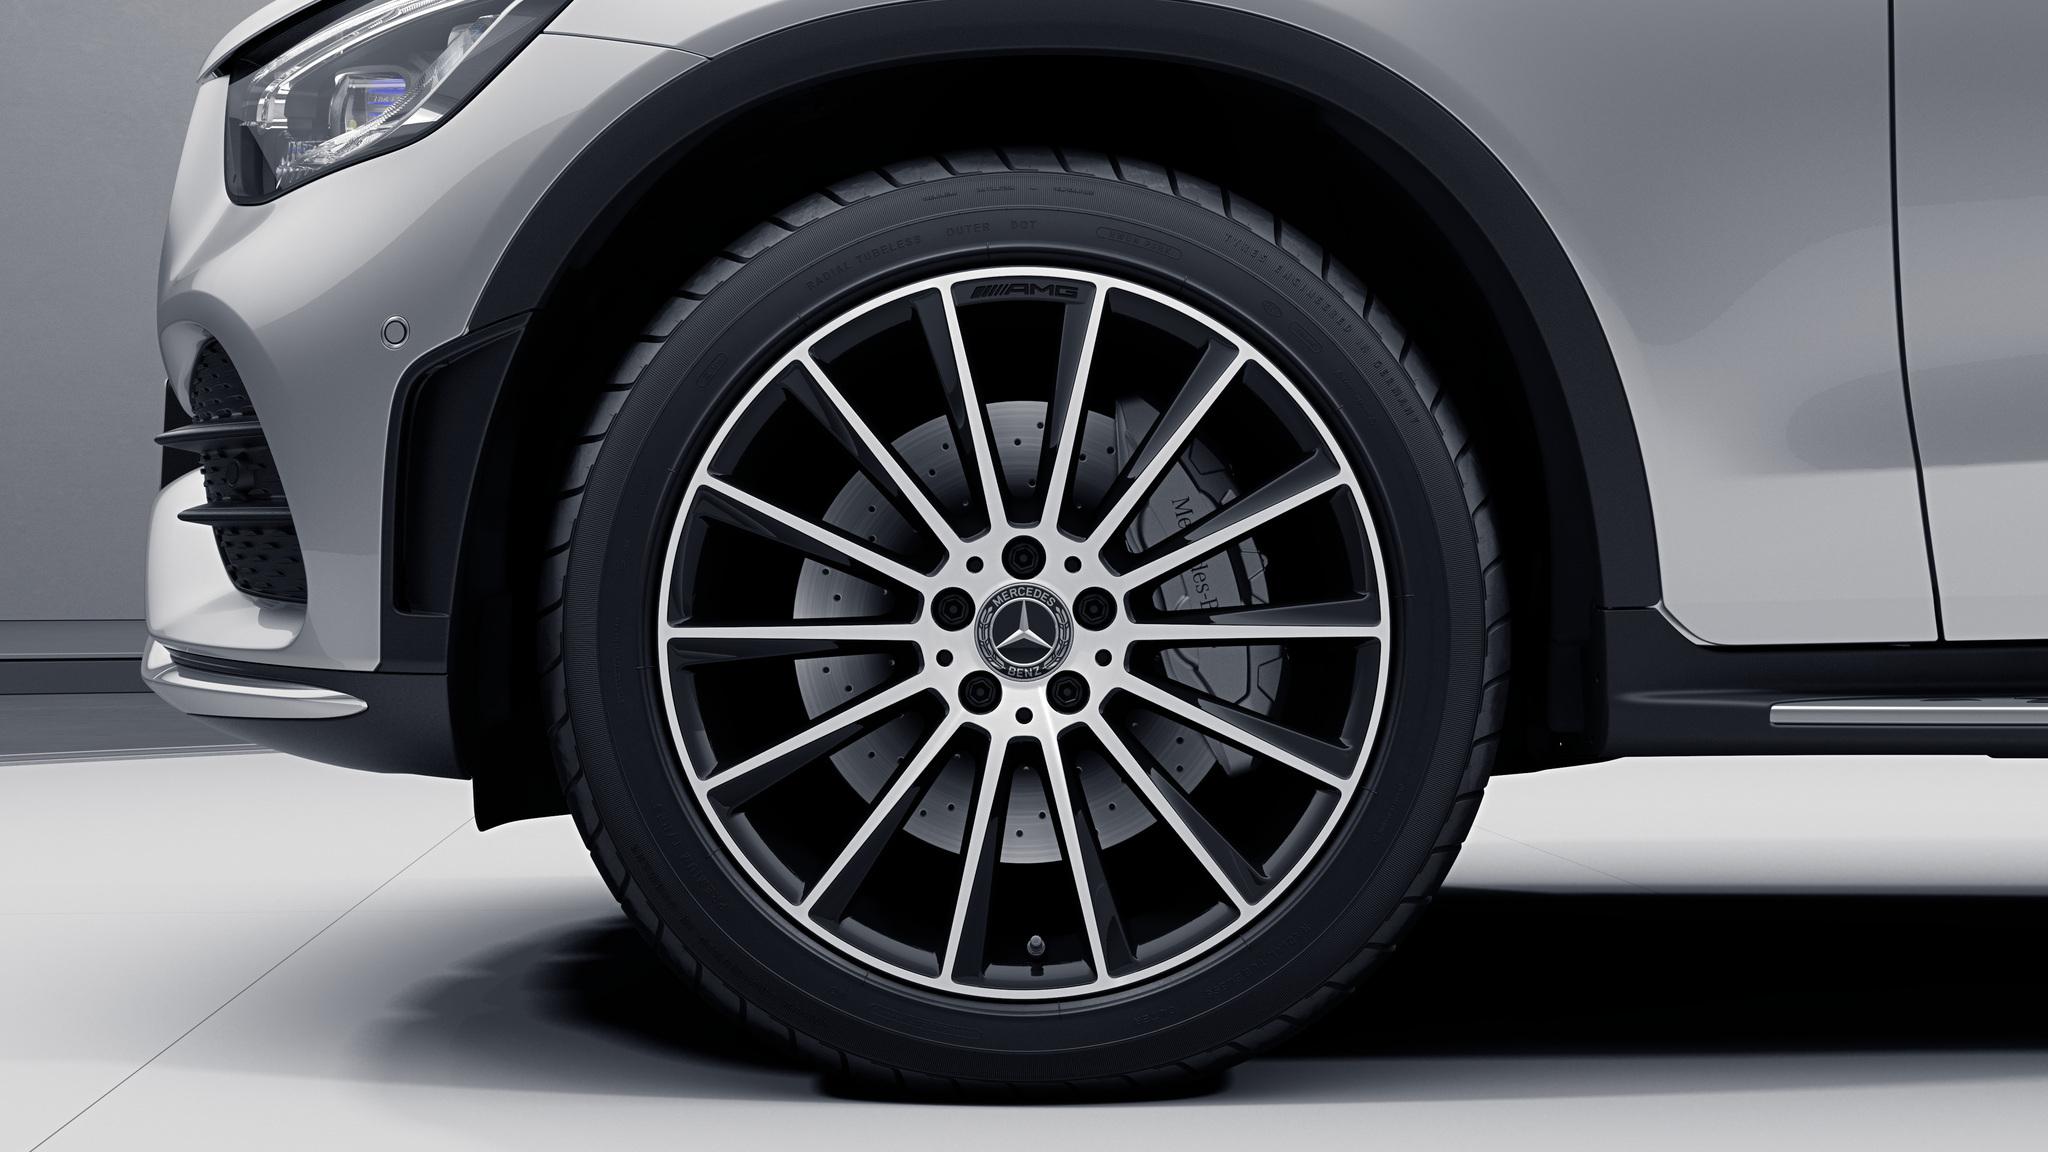 """Jantes AMG 20"""" multibranches noires de la Mercedes-Benz GLC Coupé"""